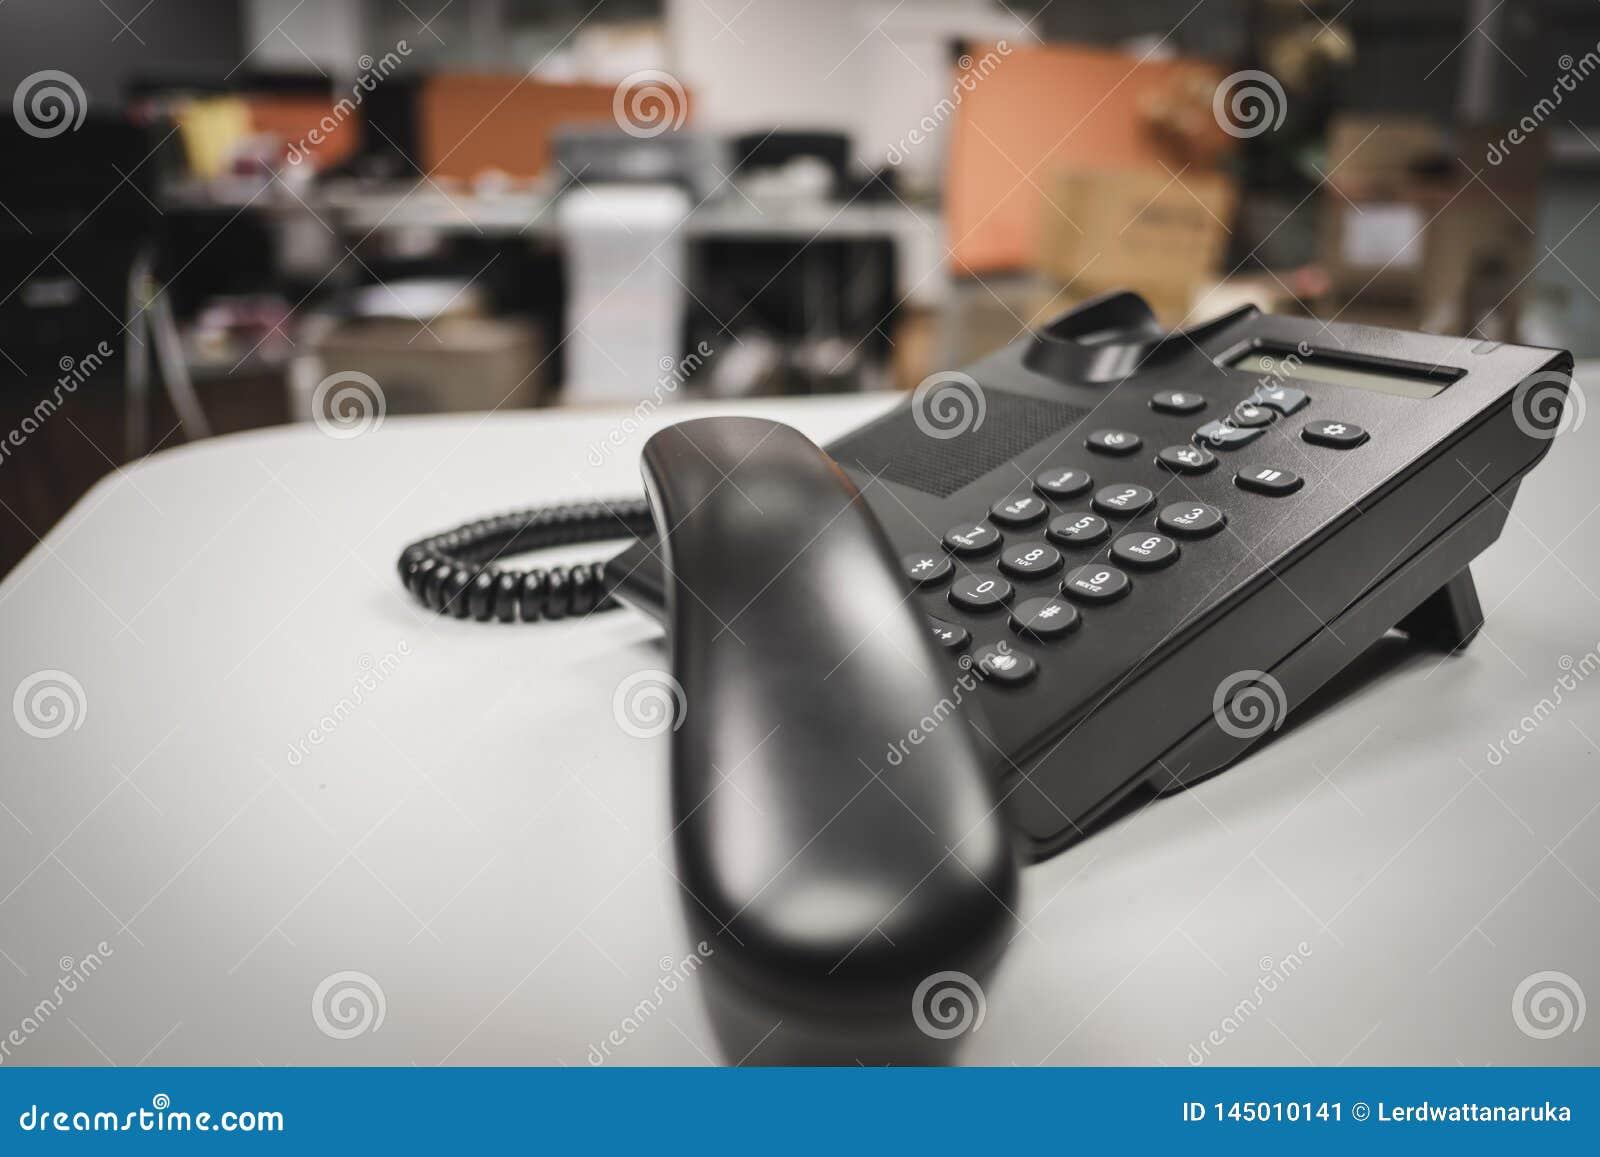 Deveice телефона ip кнопочной панели выборочного фокуса на столе офиса